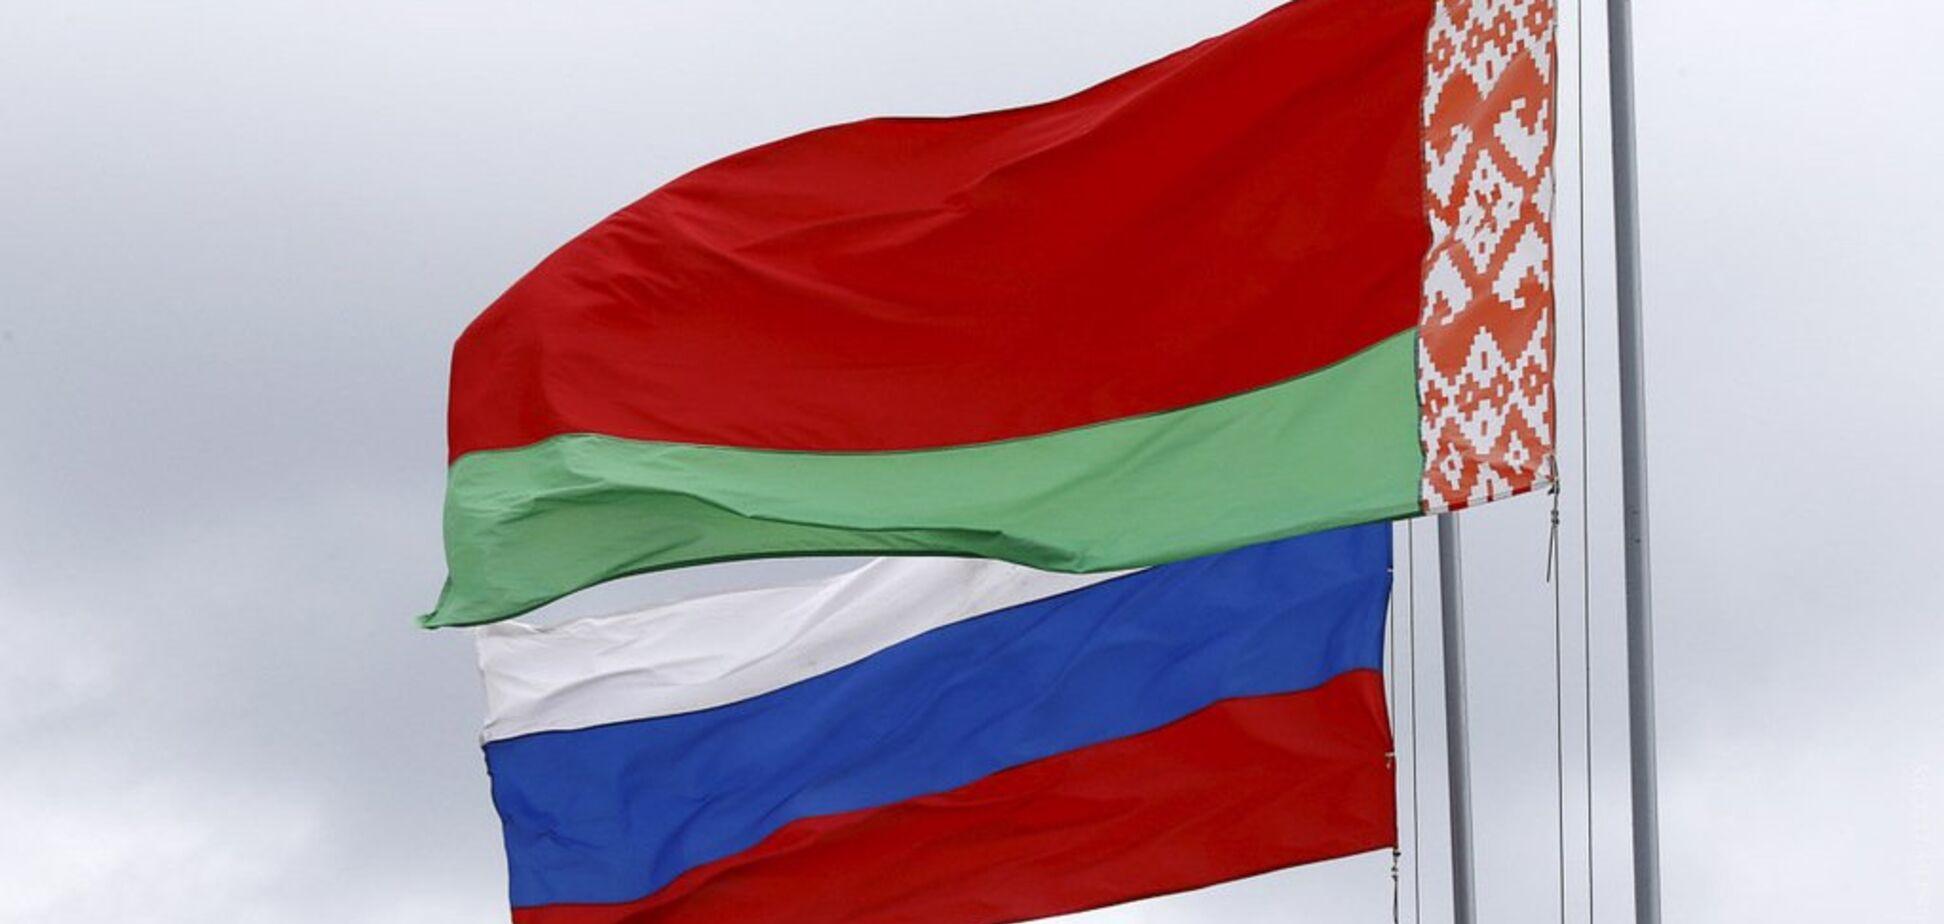 Білорусь заявила про суверенітет